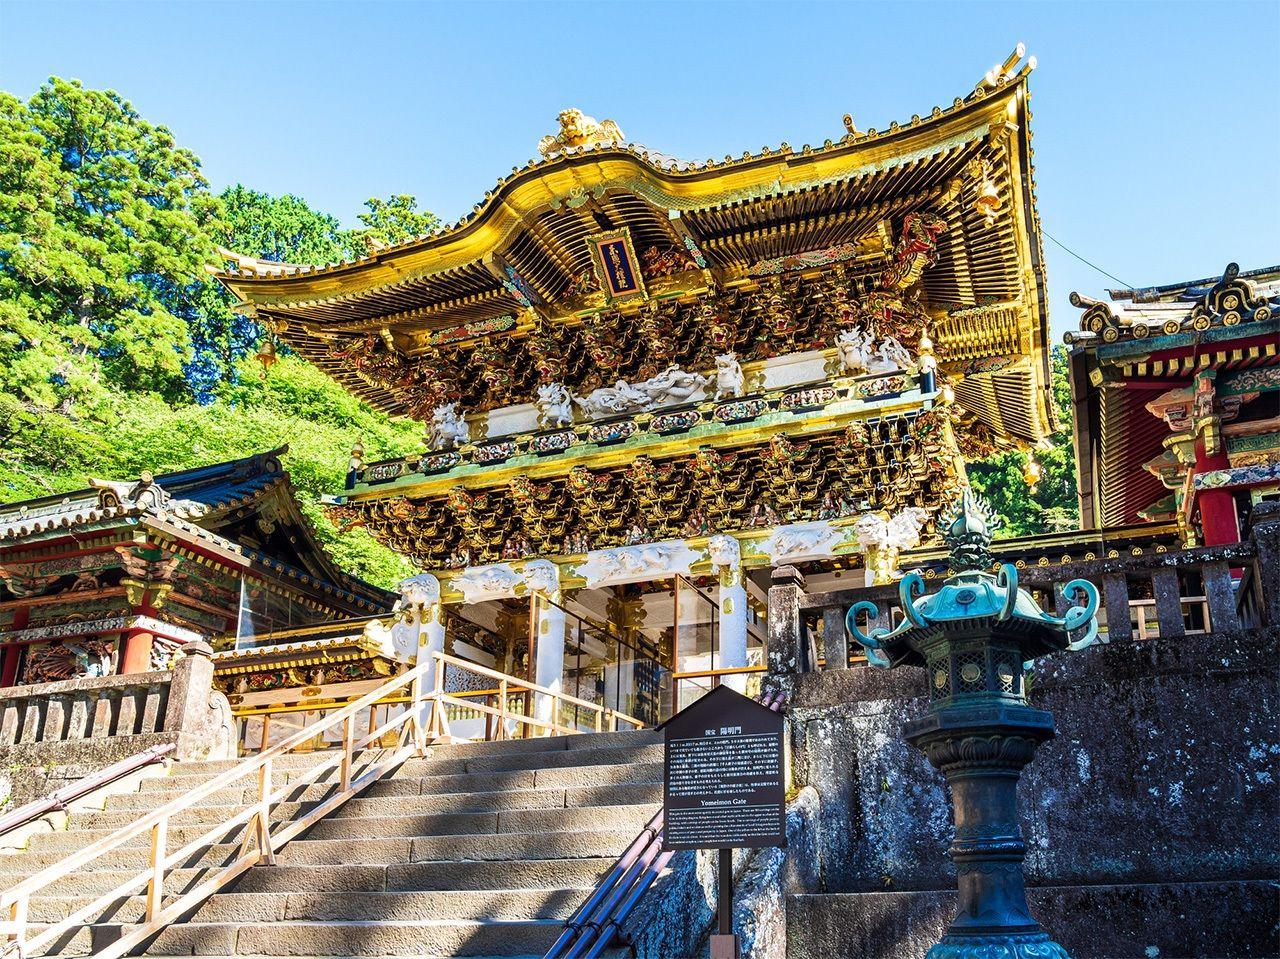 Святилище Никко Тосёгу, где почитается Токугава Иэясу. Ворота Ёмэймон, одна из самых знаменитых достопримечательностей Японии (PIXTA)